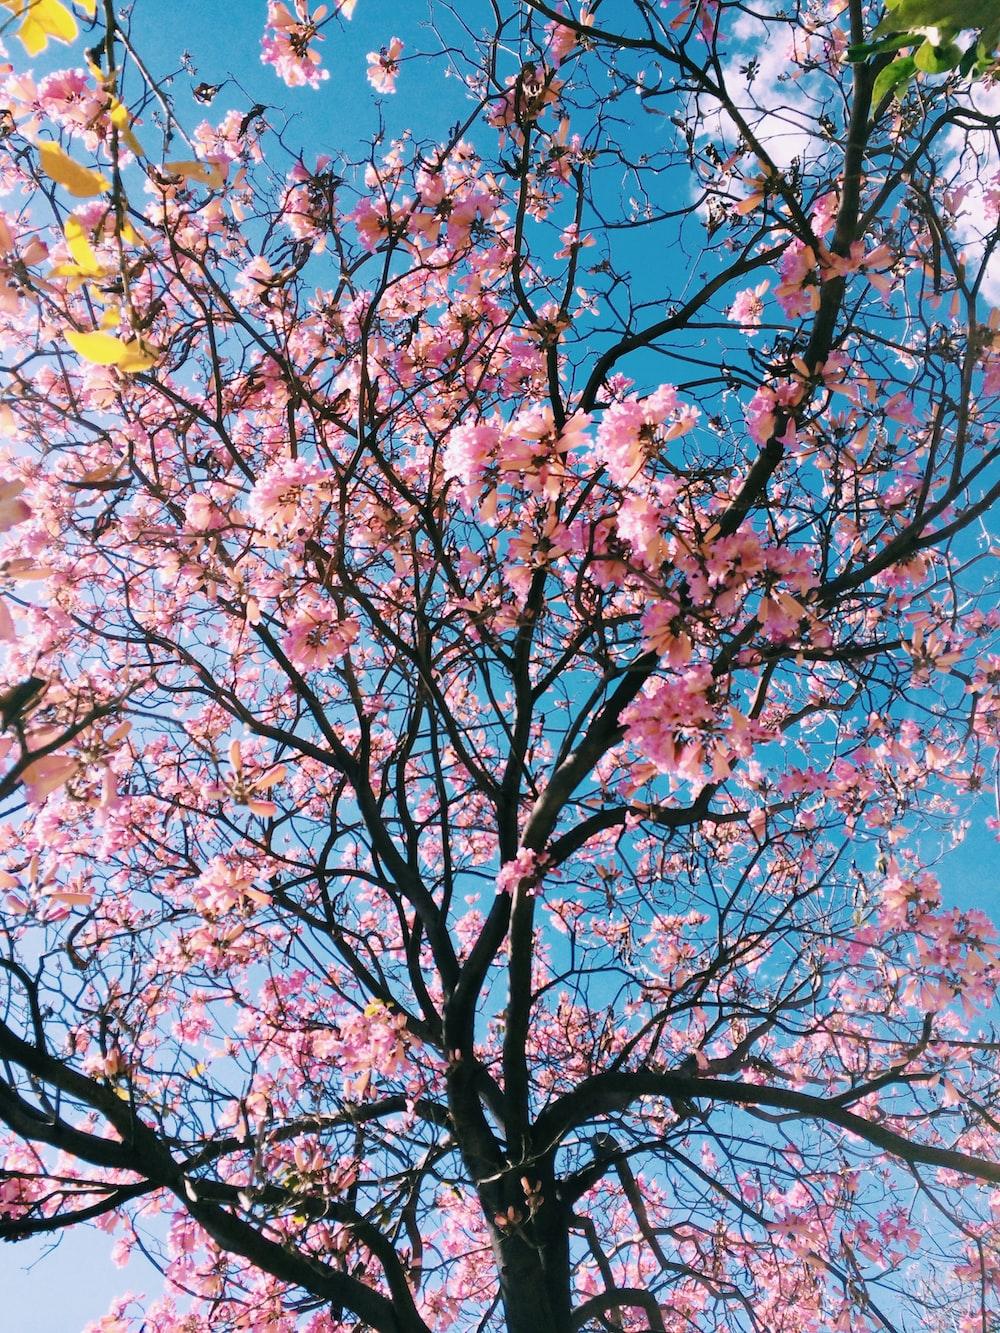 pink petaled flowering tree